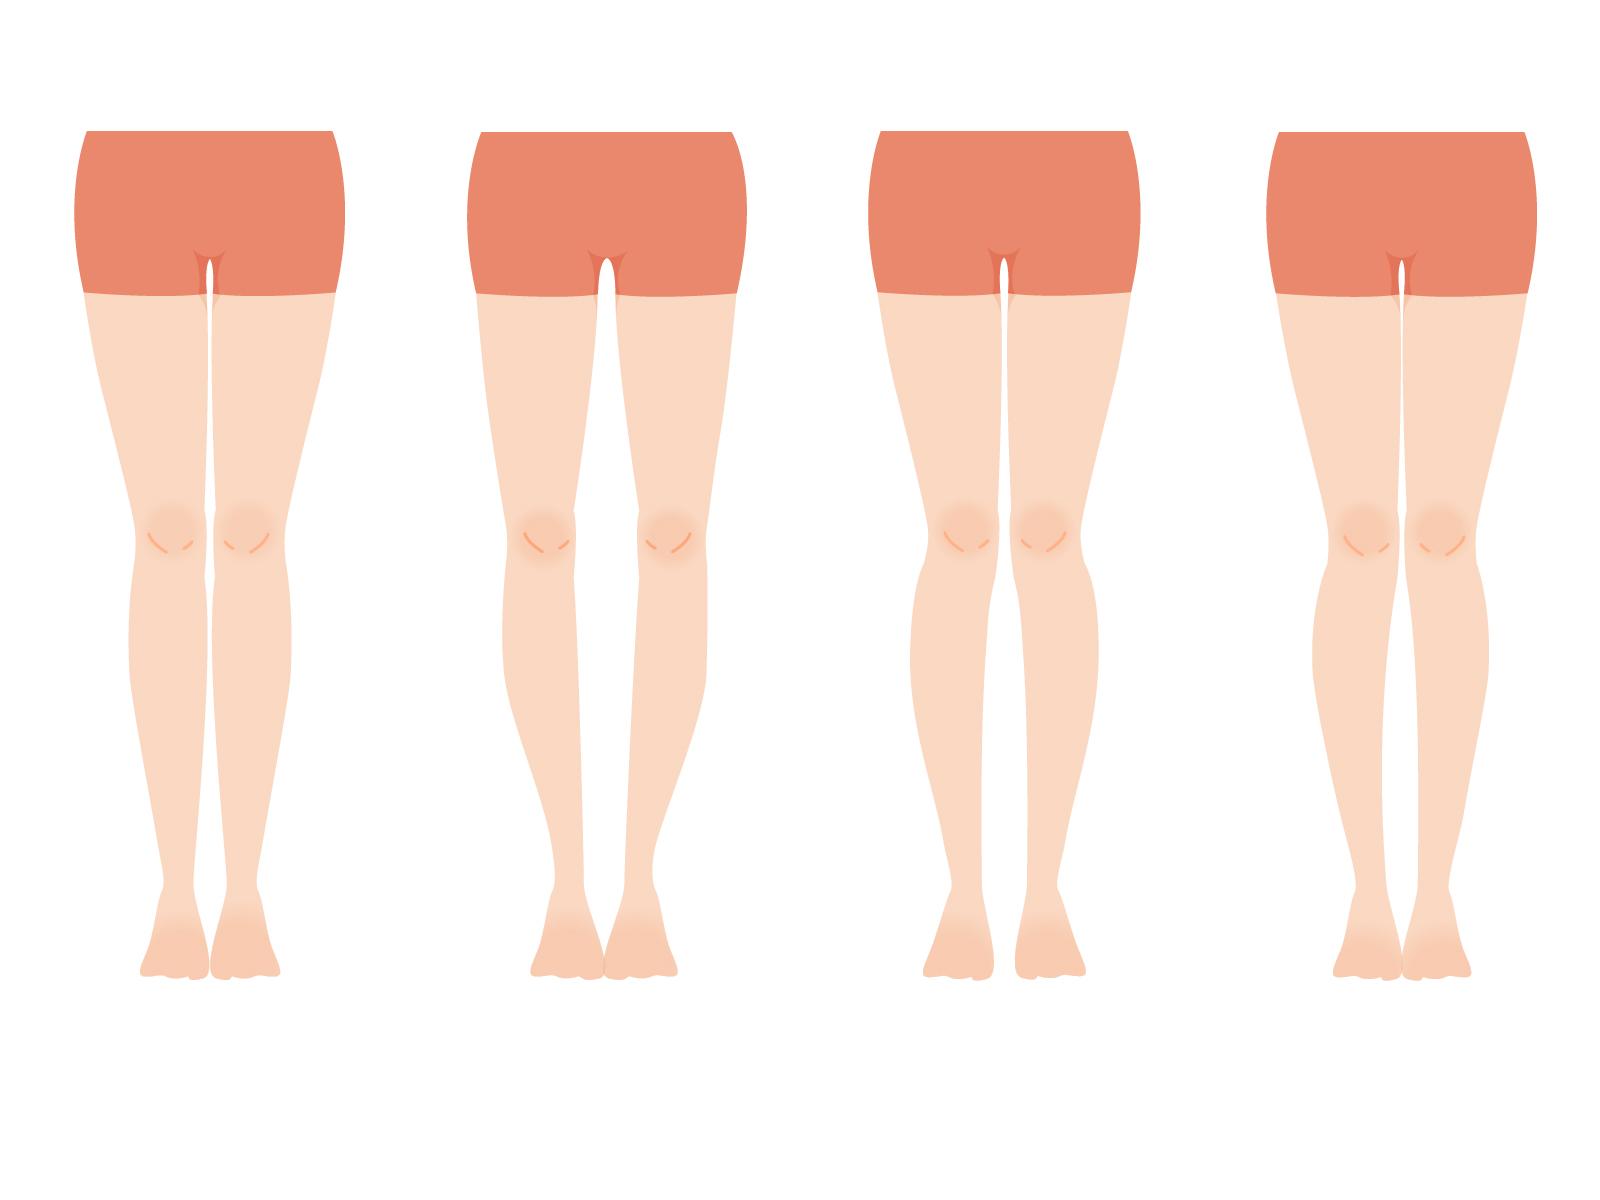 変形性膝関節症を予防して美脚になる方法